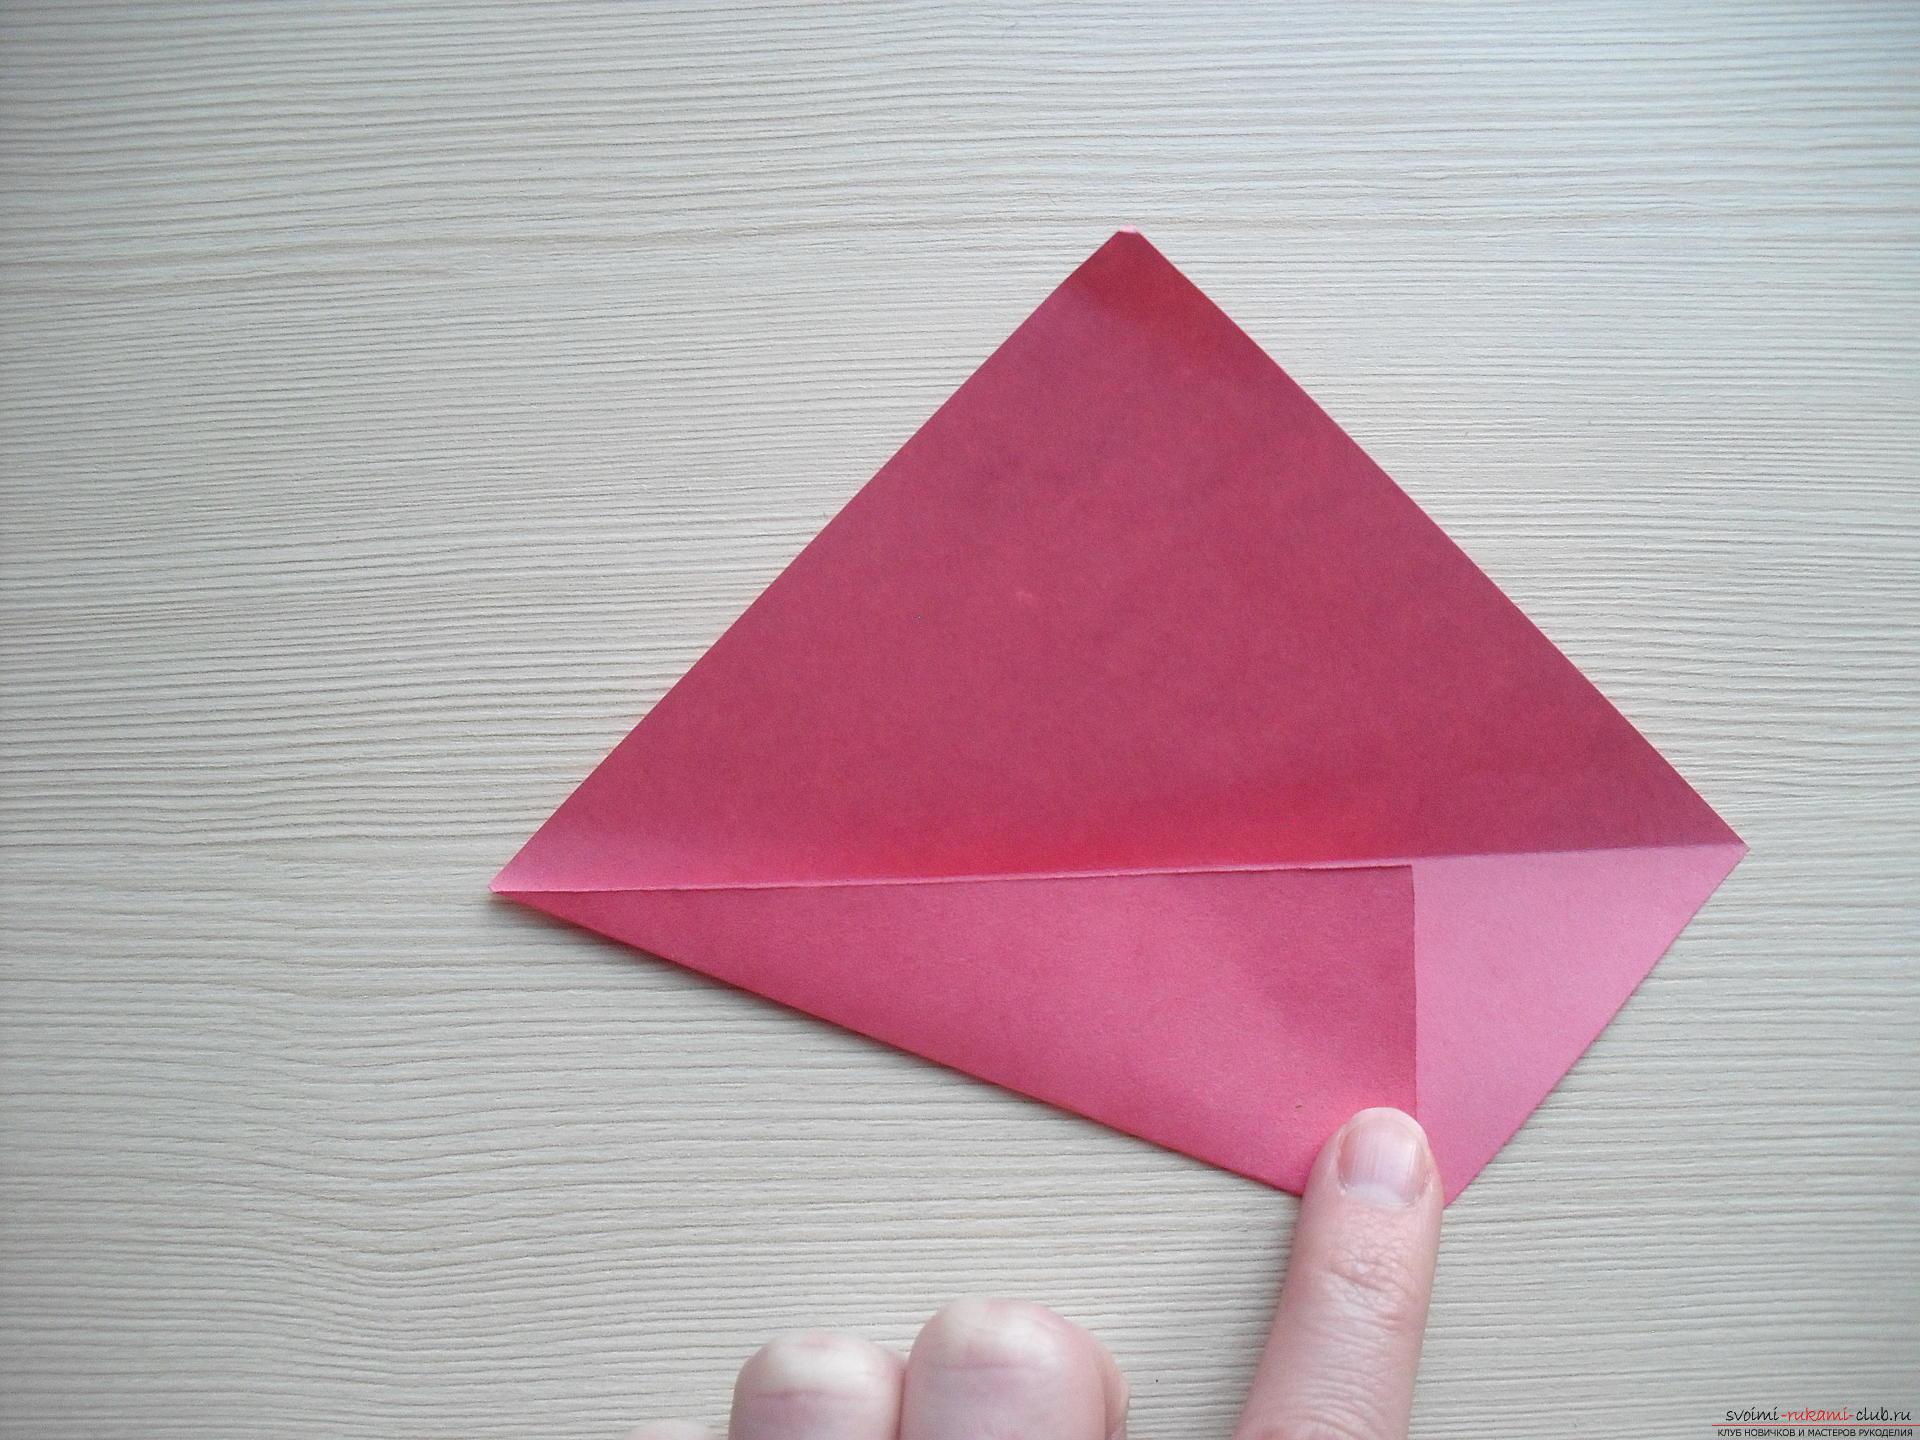 Цветы из бумаги в технике квиллинг: фото, как сделать 85